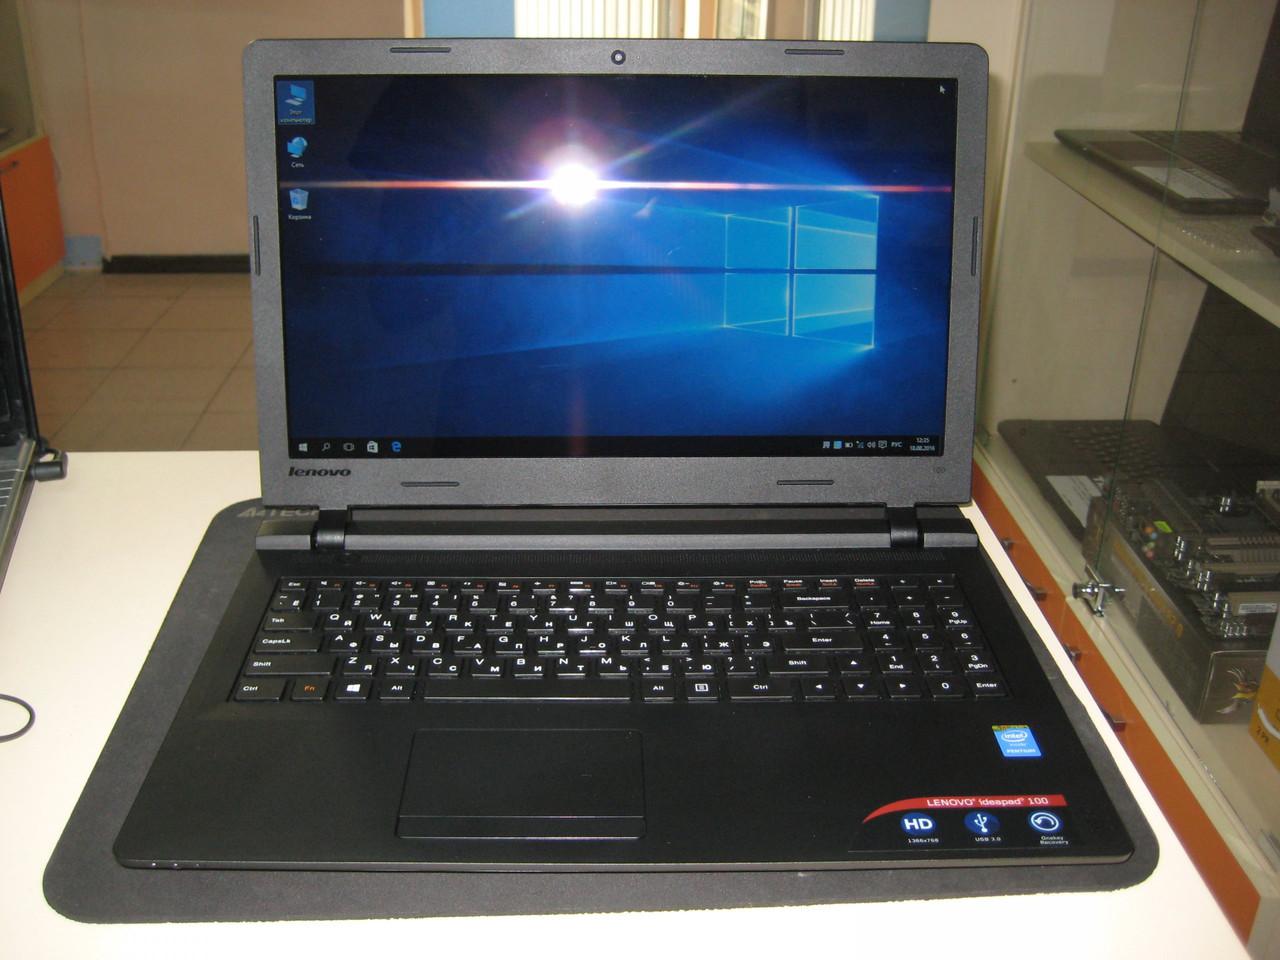 Ноутбук Lenovo 100 +4ядра +4Гб +1тб +Intel HD